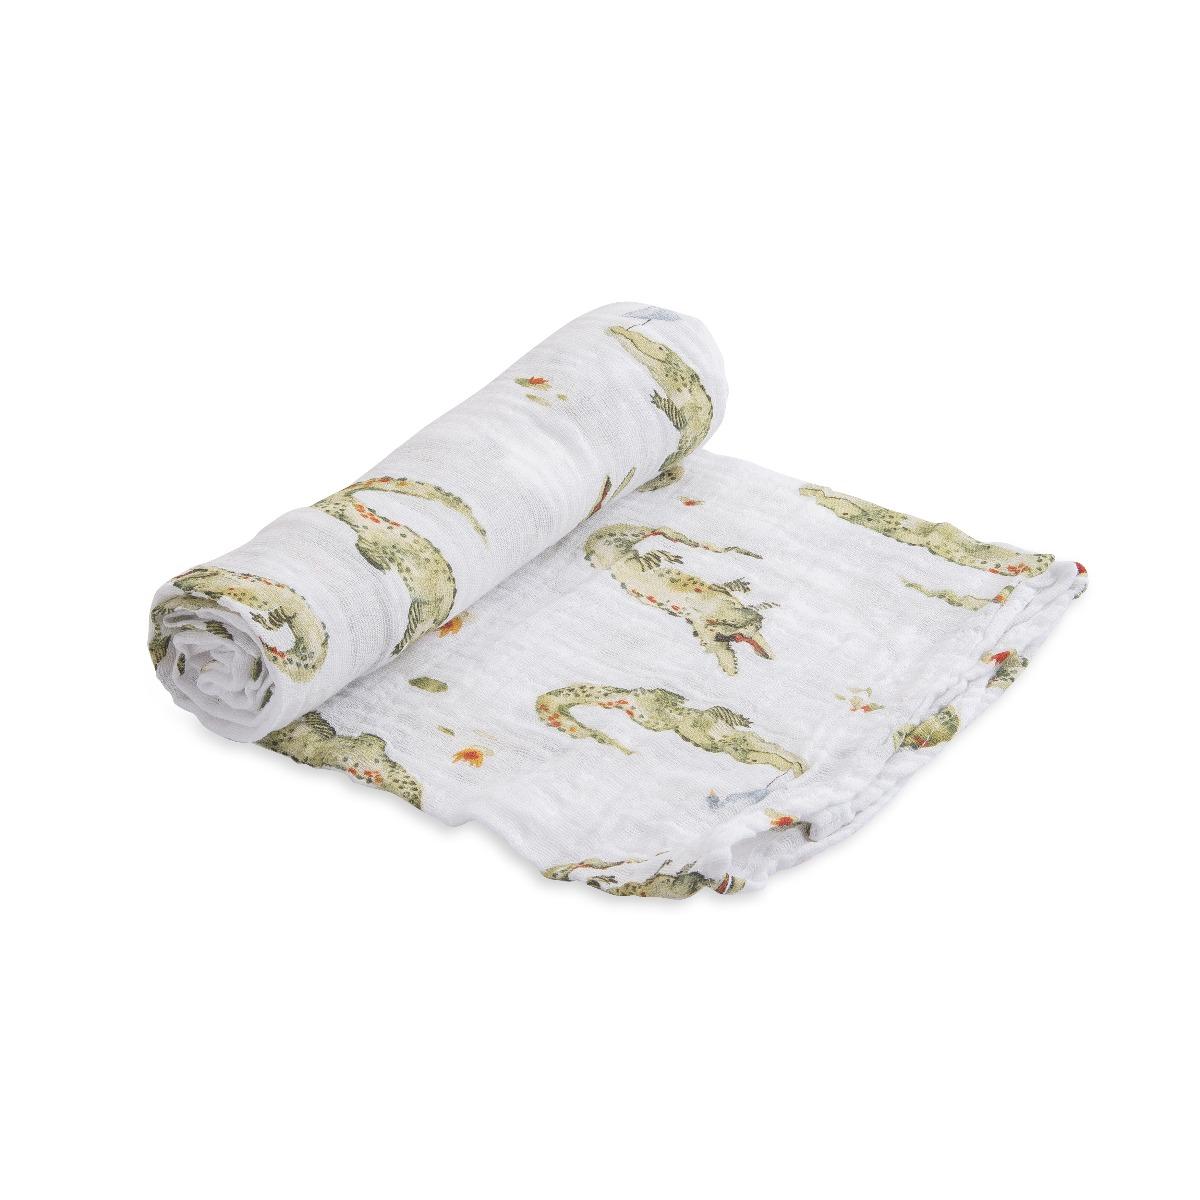 Little Unicorn Cotton Muslin Swaddle Gators